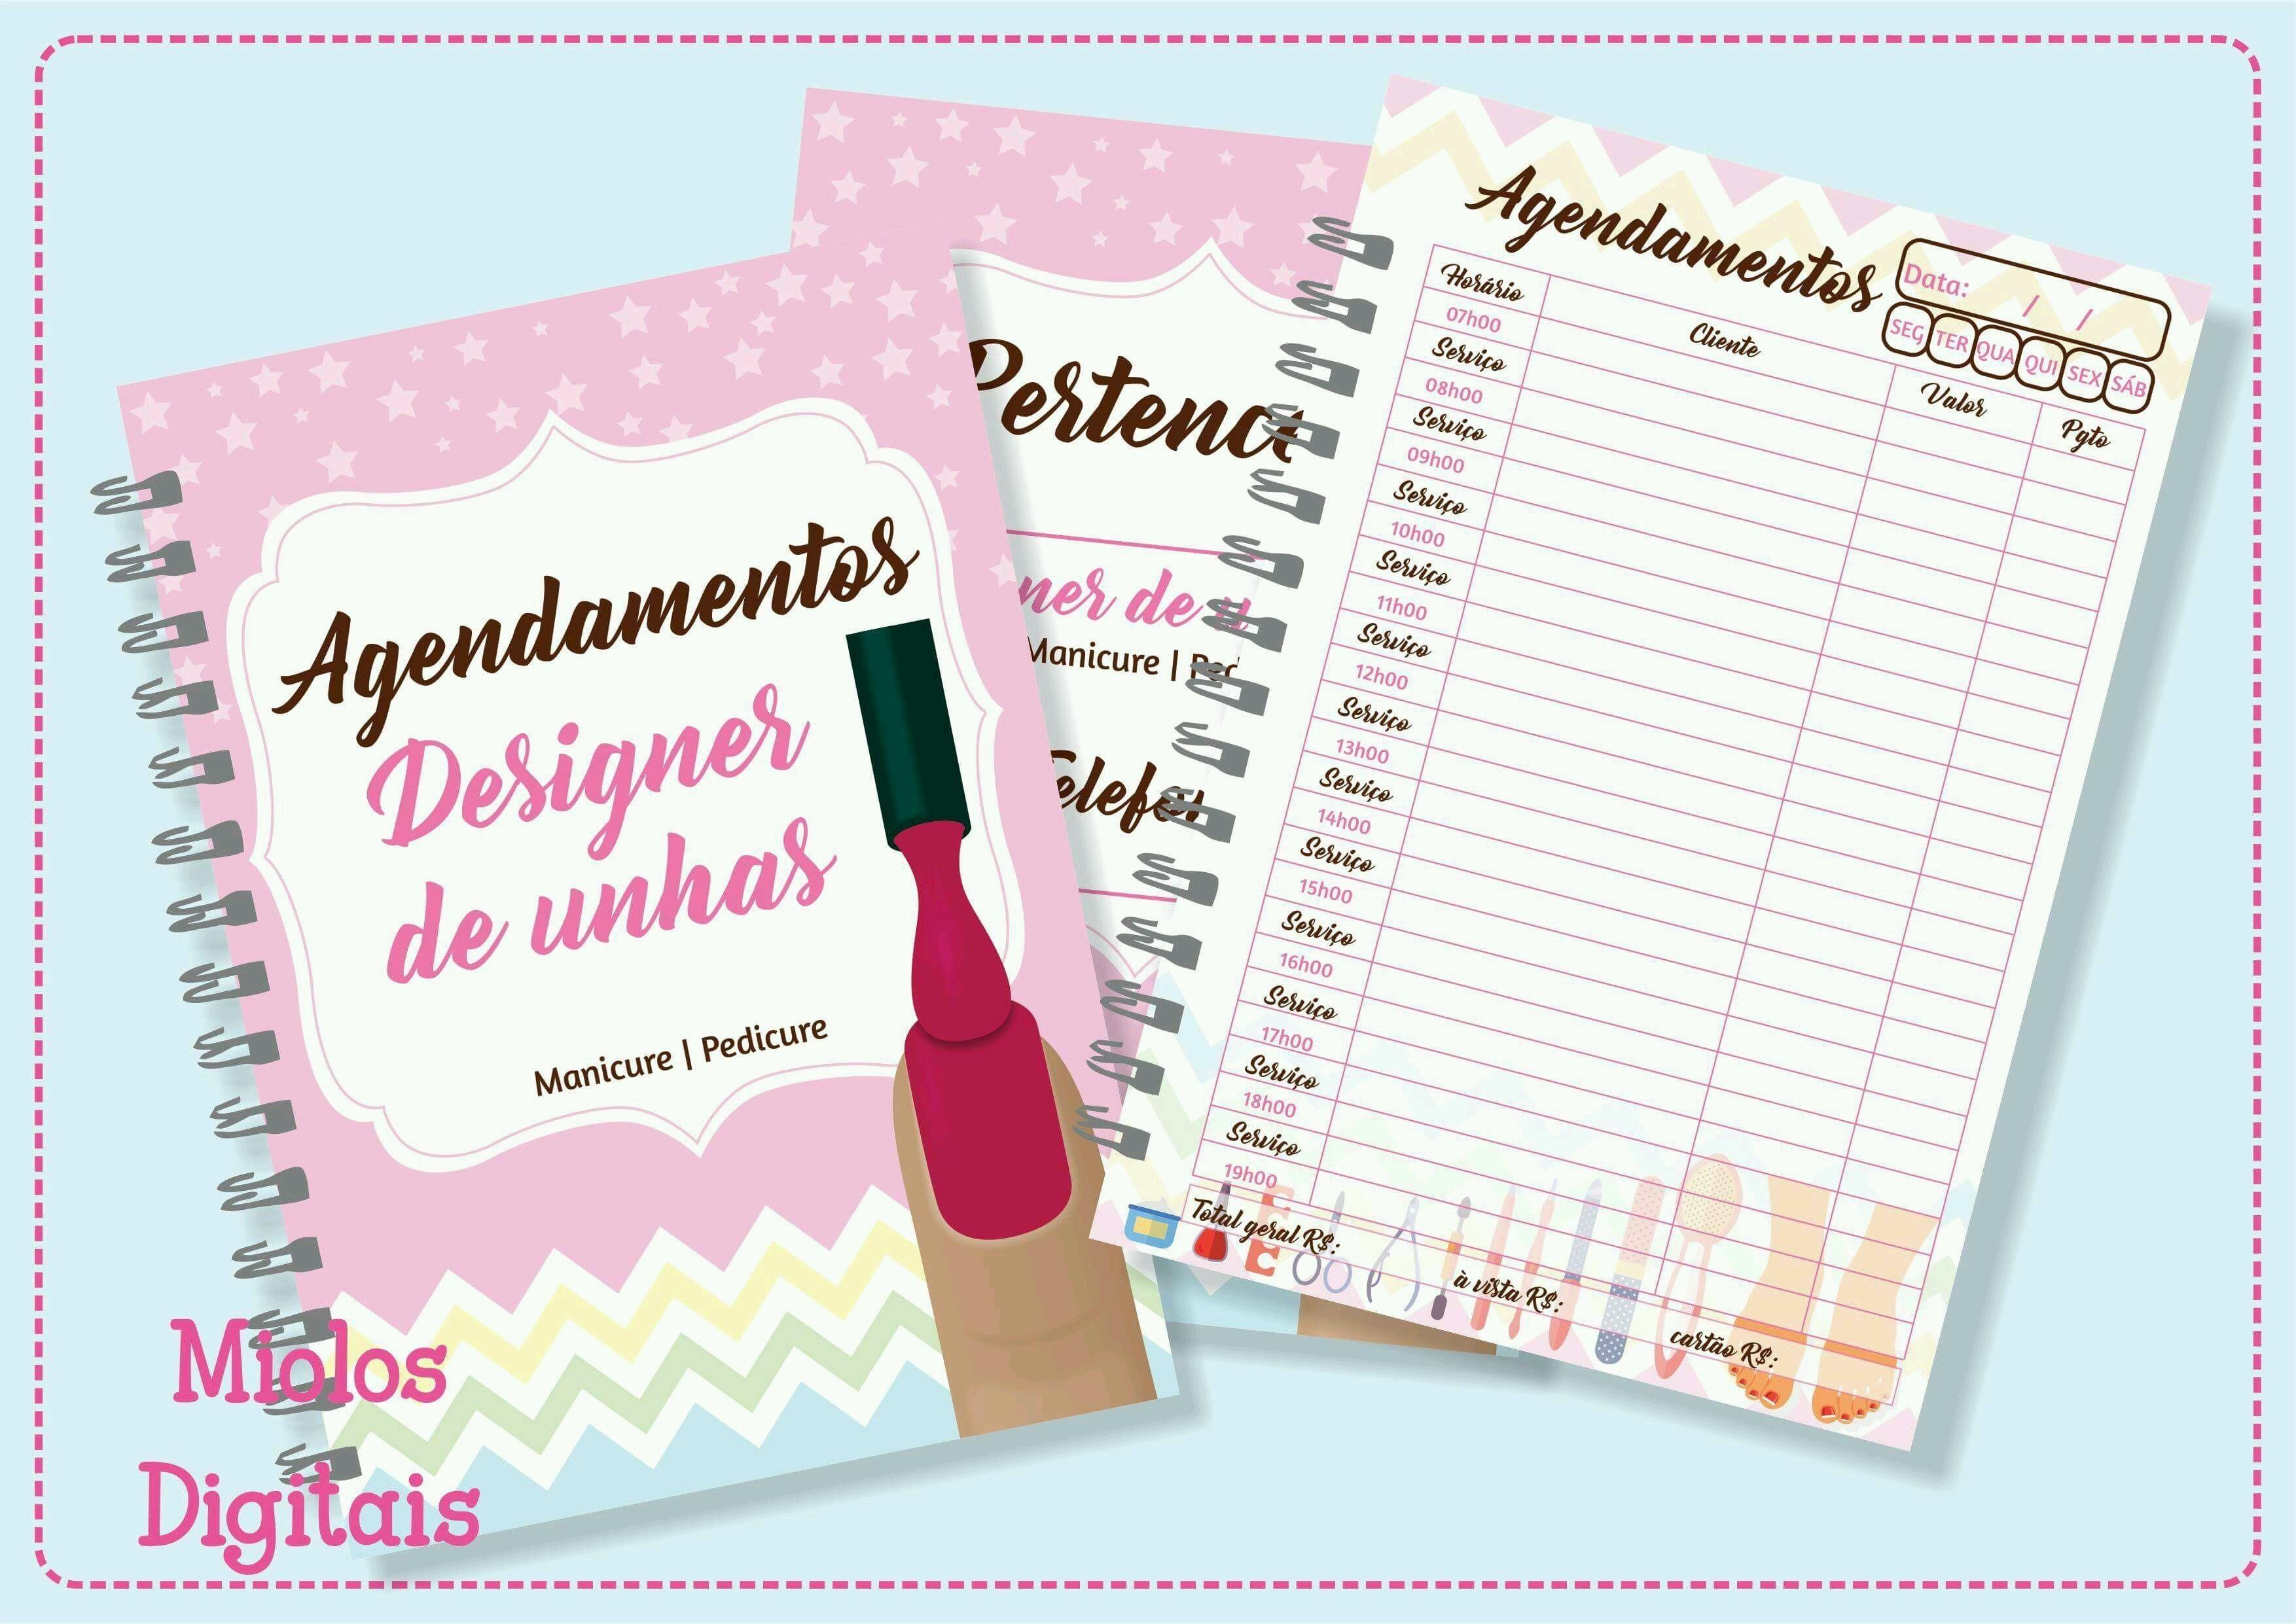 Calendario Abril 2019 Para Imprimir Más Recientes Observar Calendario Para Imprimir 2019 Pdf